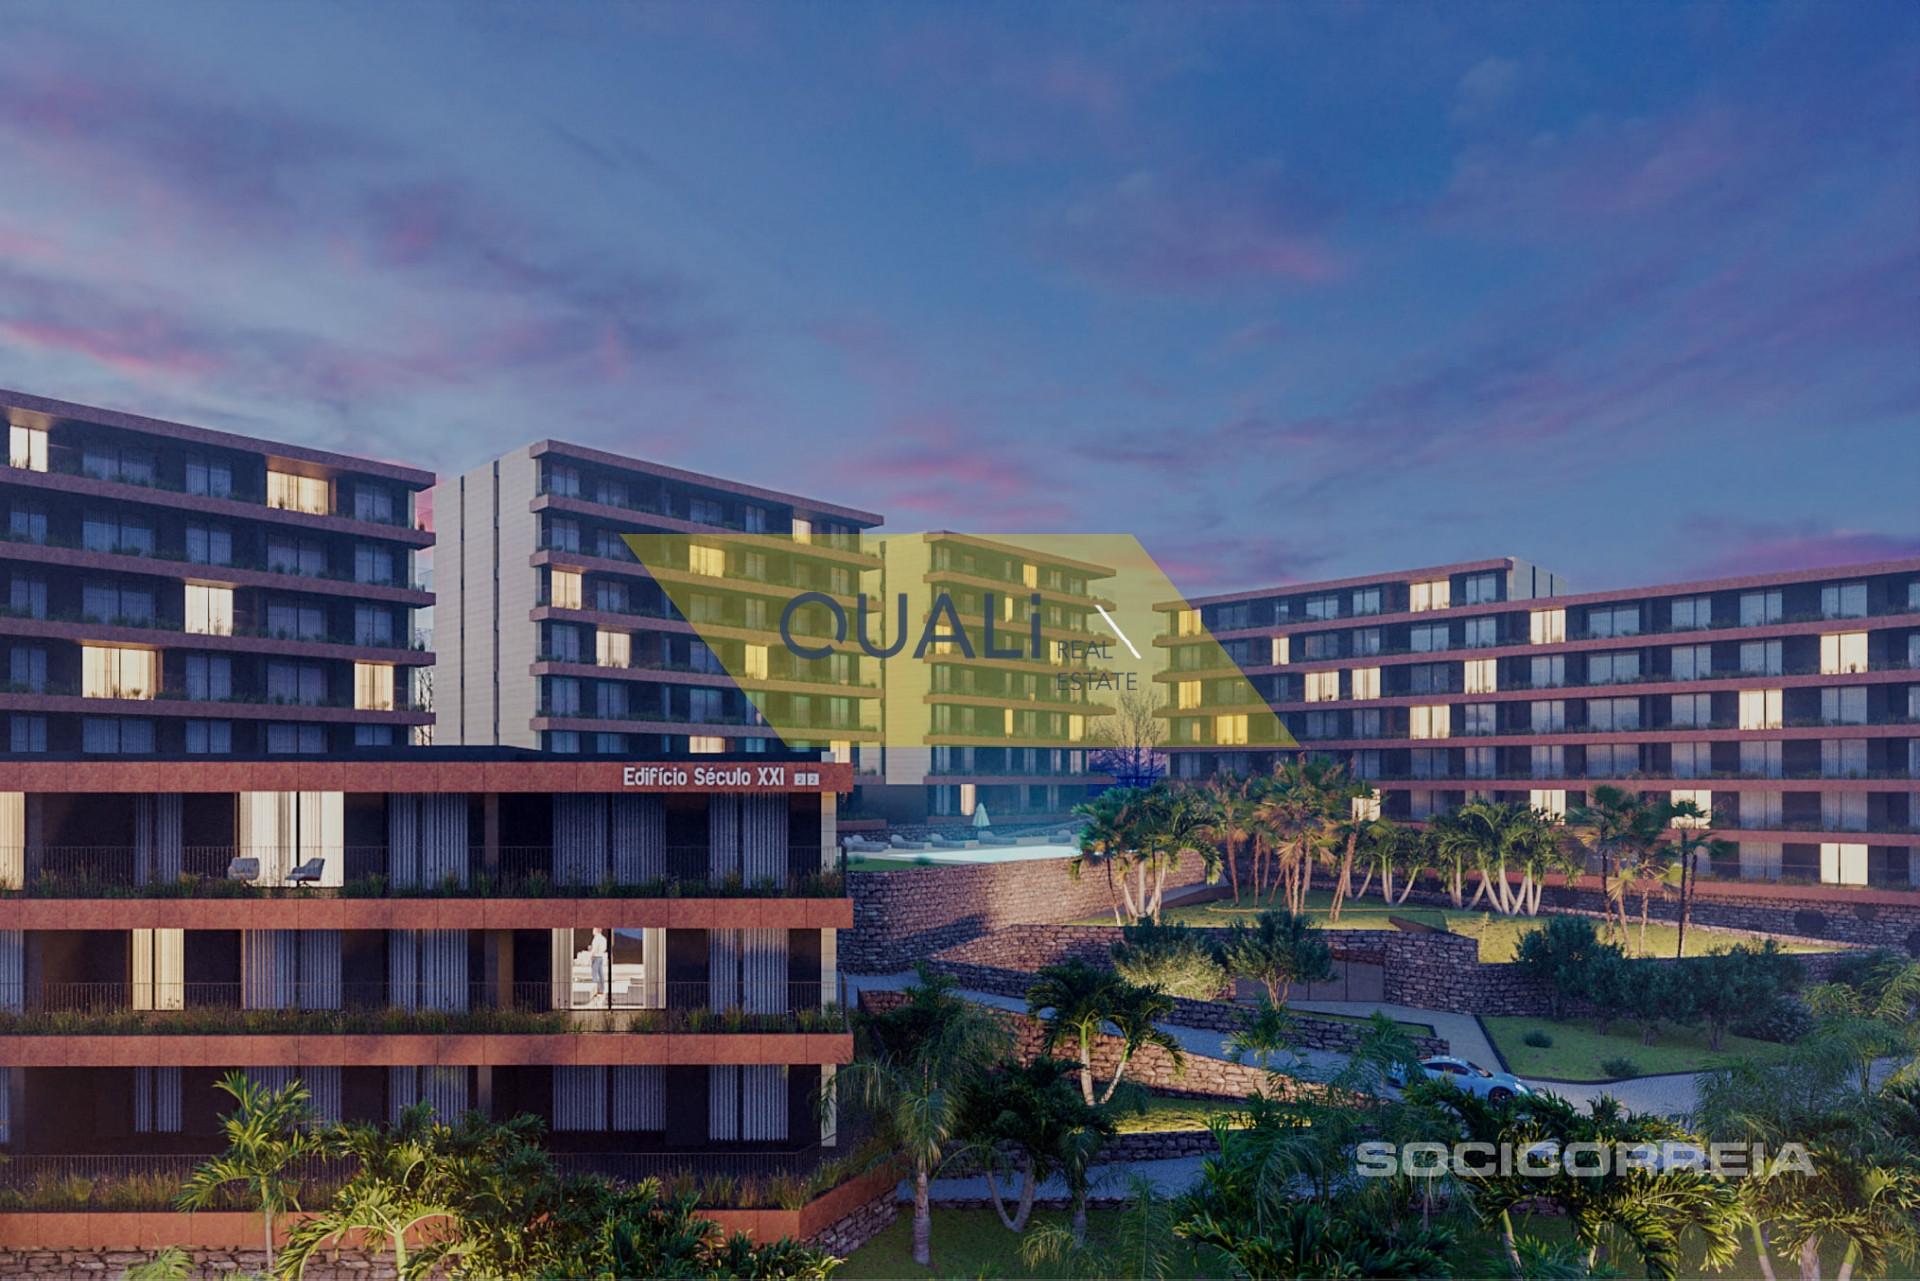 Appartamento con 2 camere da letto in vendita nelle virtù, Funchal - Isola di Madeira - € 275.500,00